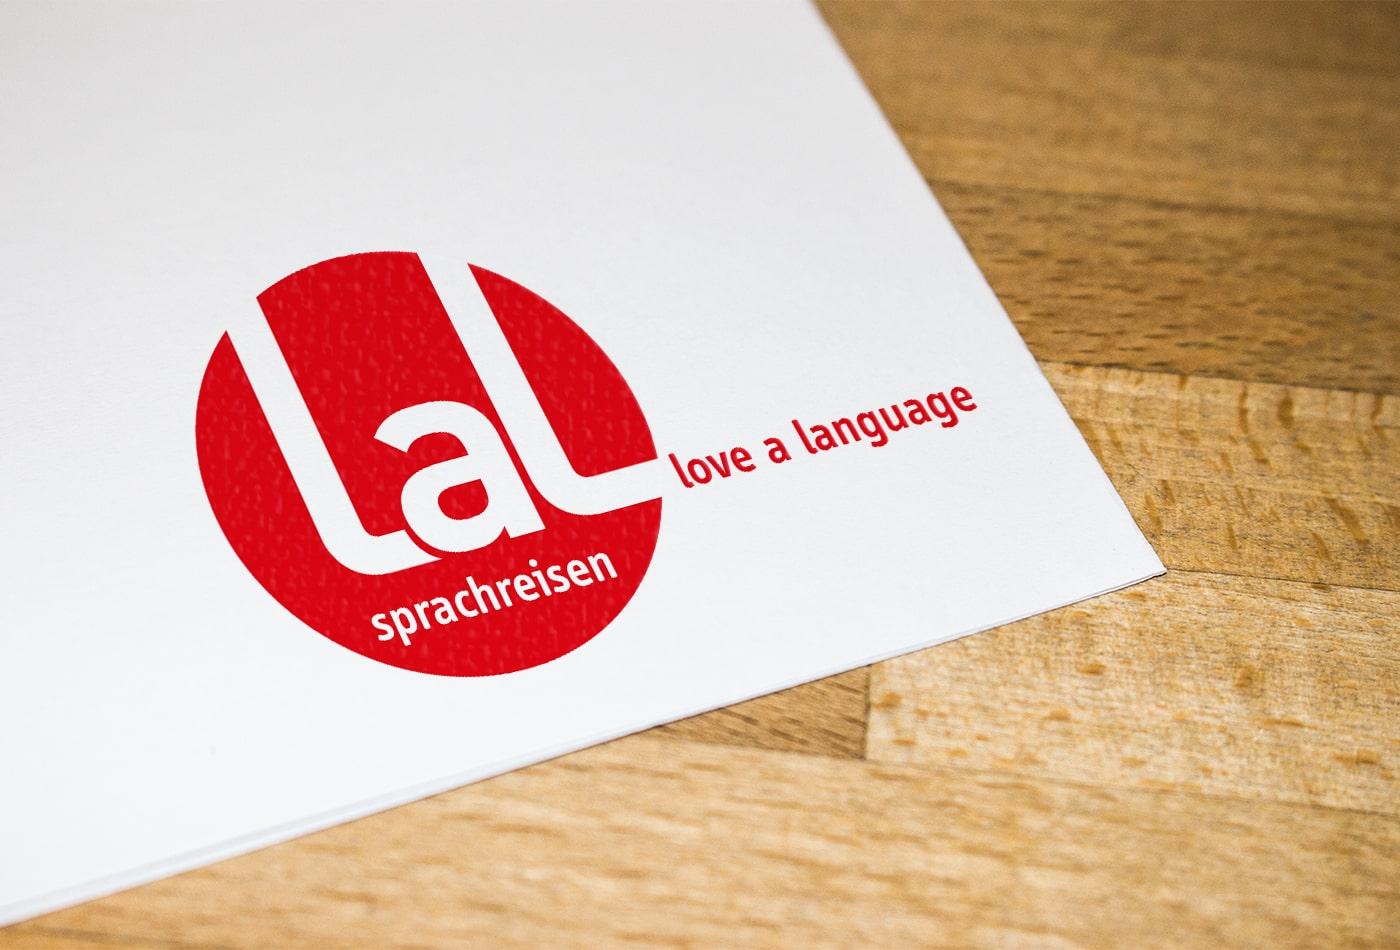 LaL Sprachreisen Logoentwicklung